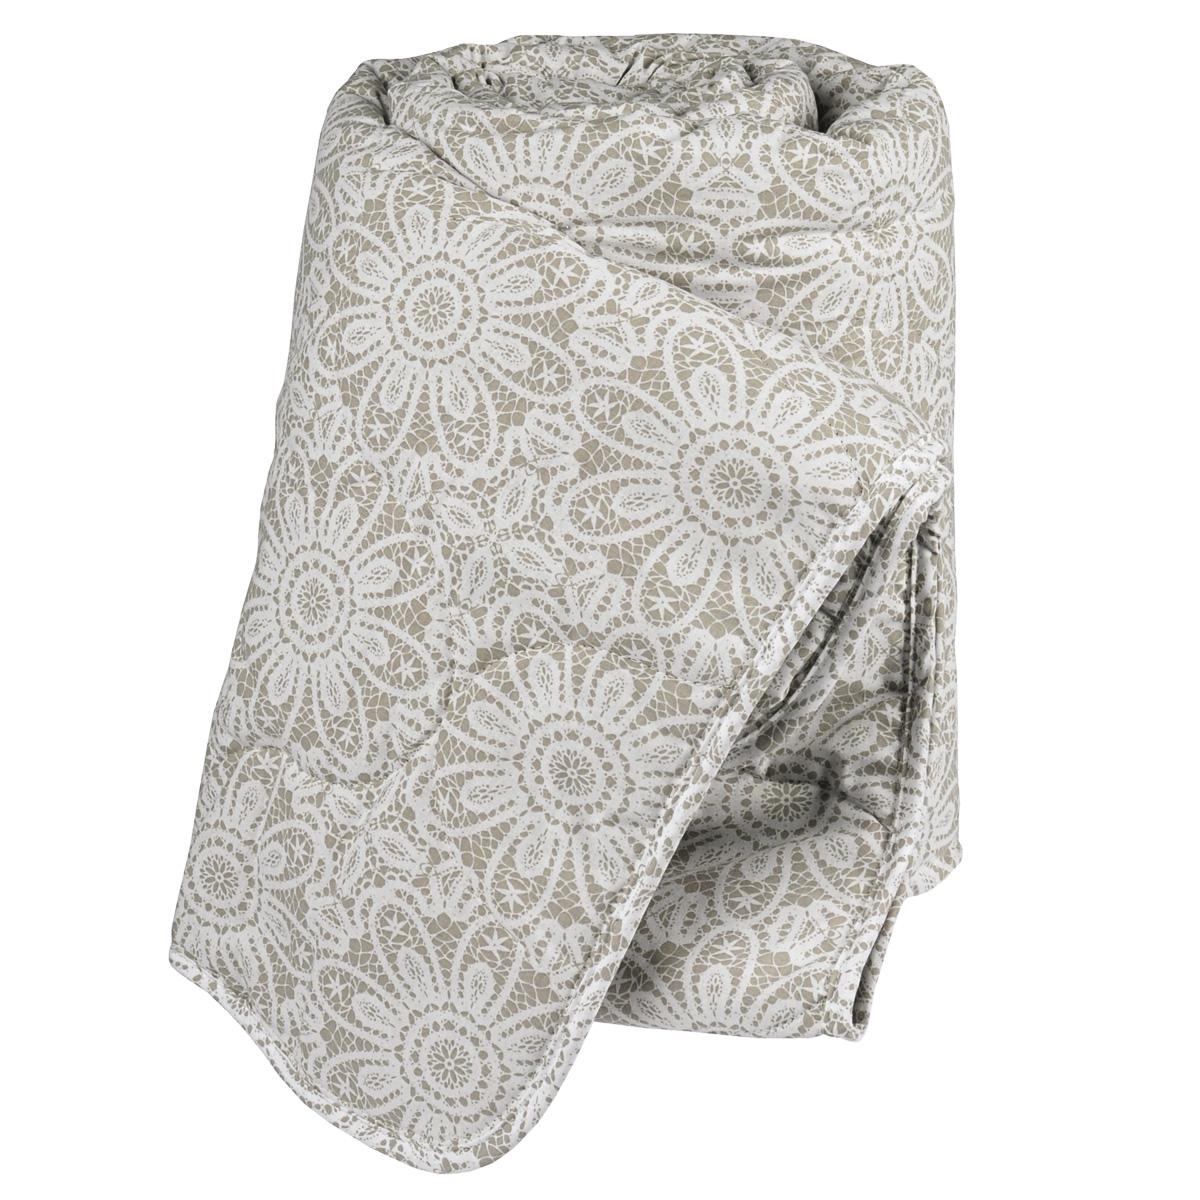 Одеяло Green Line Лен, наполнитель: льняное волокно, 172 х 205 см96281375Мягкое и комфортное одеяло Green Line Лен подарит вам незабываемое чувство уюта и умиротворения. Чехол выполнен из чистого хлопка. Одеяло поможет создать максимально удобные и благоприятные условия для сладкого сна.Преимущества льняного наполнителя: - имеет эффект активного дыхания, - природный антисептик, - холодит в жару и согревает в холод. Лен полезен для здоровья, обладает положительной энергетикой.Не стирать, не гладить. Размер: 172 см х 205 см.Материал верха: 100% хлопок. Наполнитель: 90% льняное волокно, 10% полиэстер.Масса наполнителя: 300 г/м2.